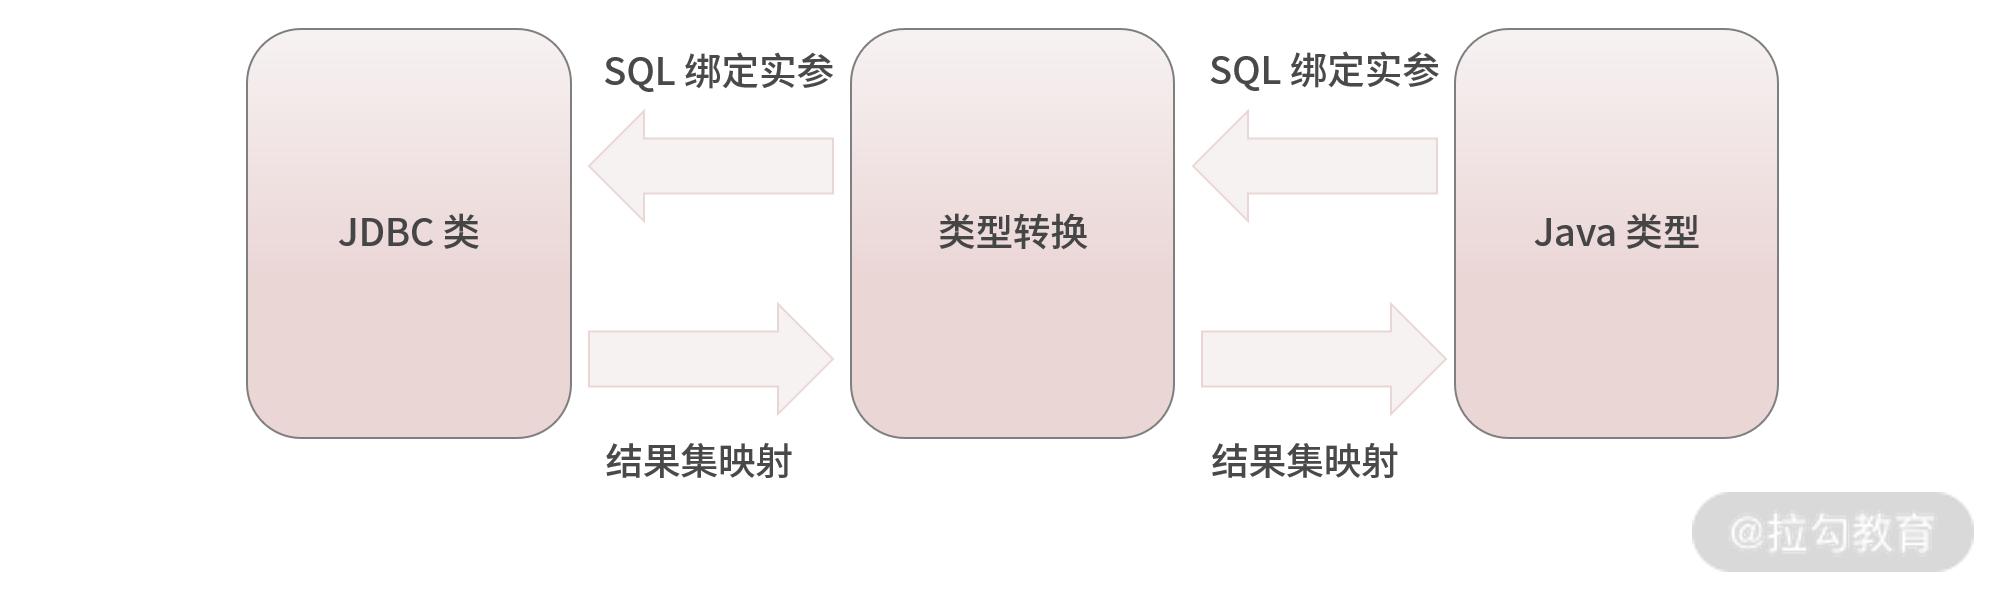 类型转换基本功能示意图